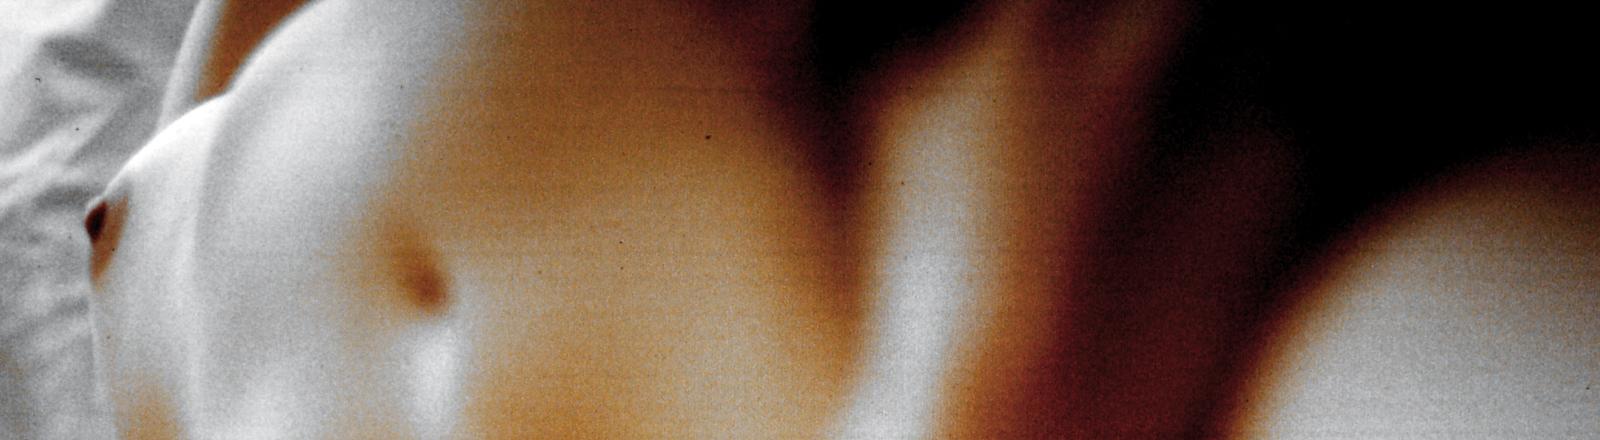 Aufnahme einer nackten Frau